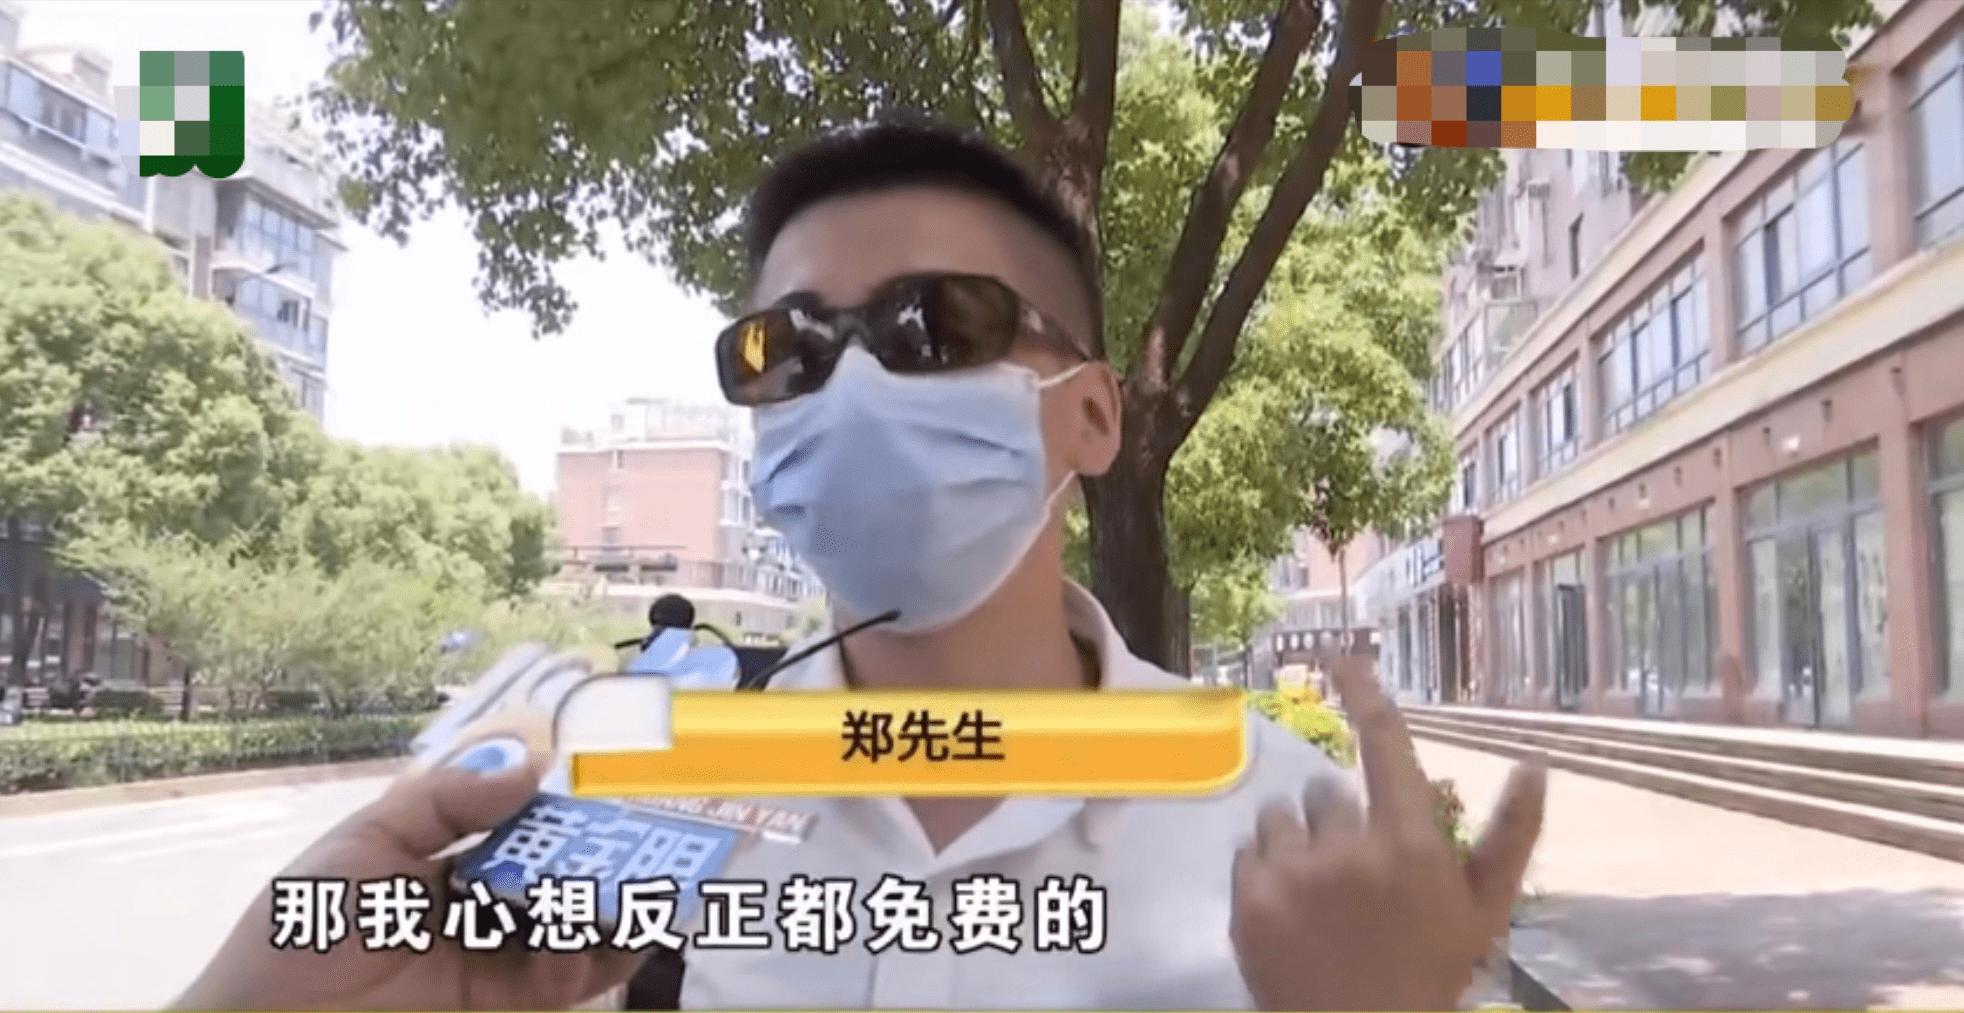 杭州男子纹眉被收5000元,店员曾报价88元,结账时:88元一根眉毛